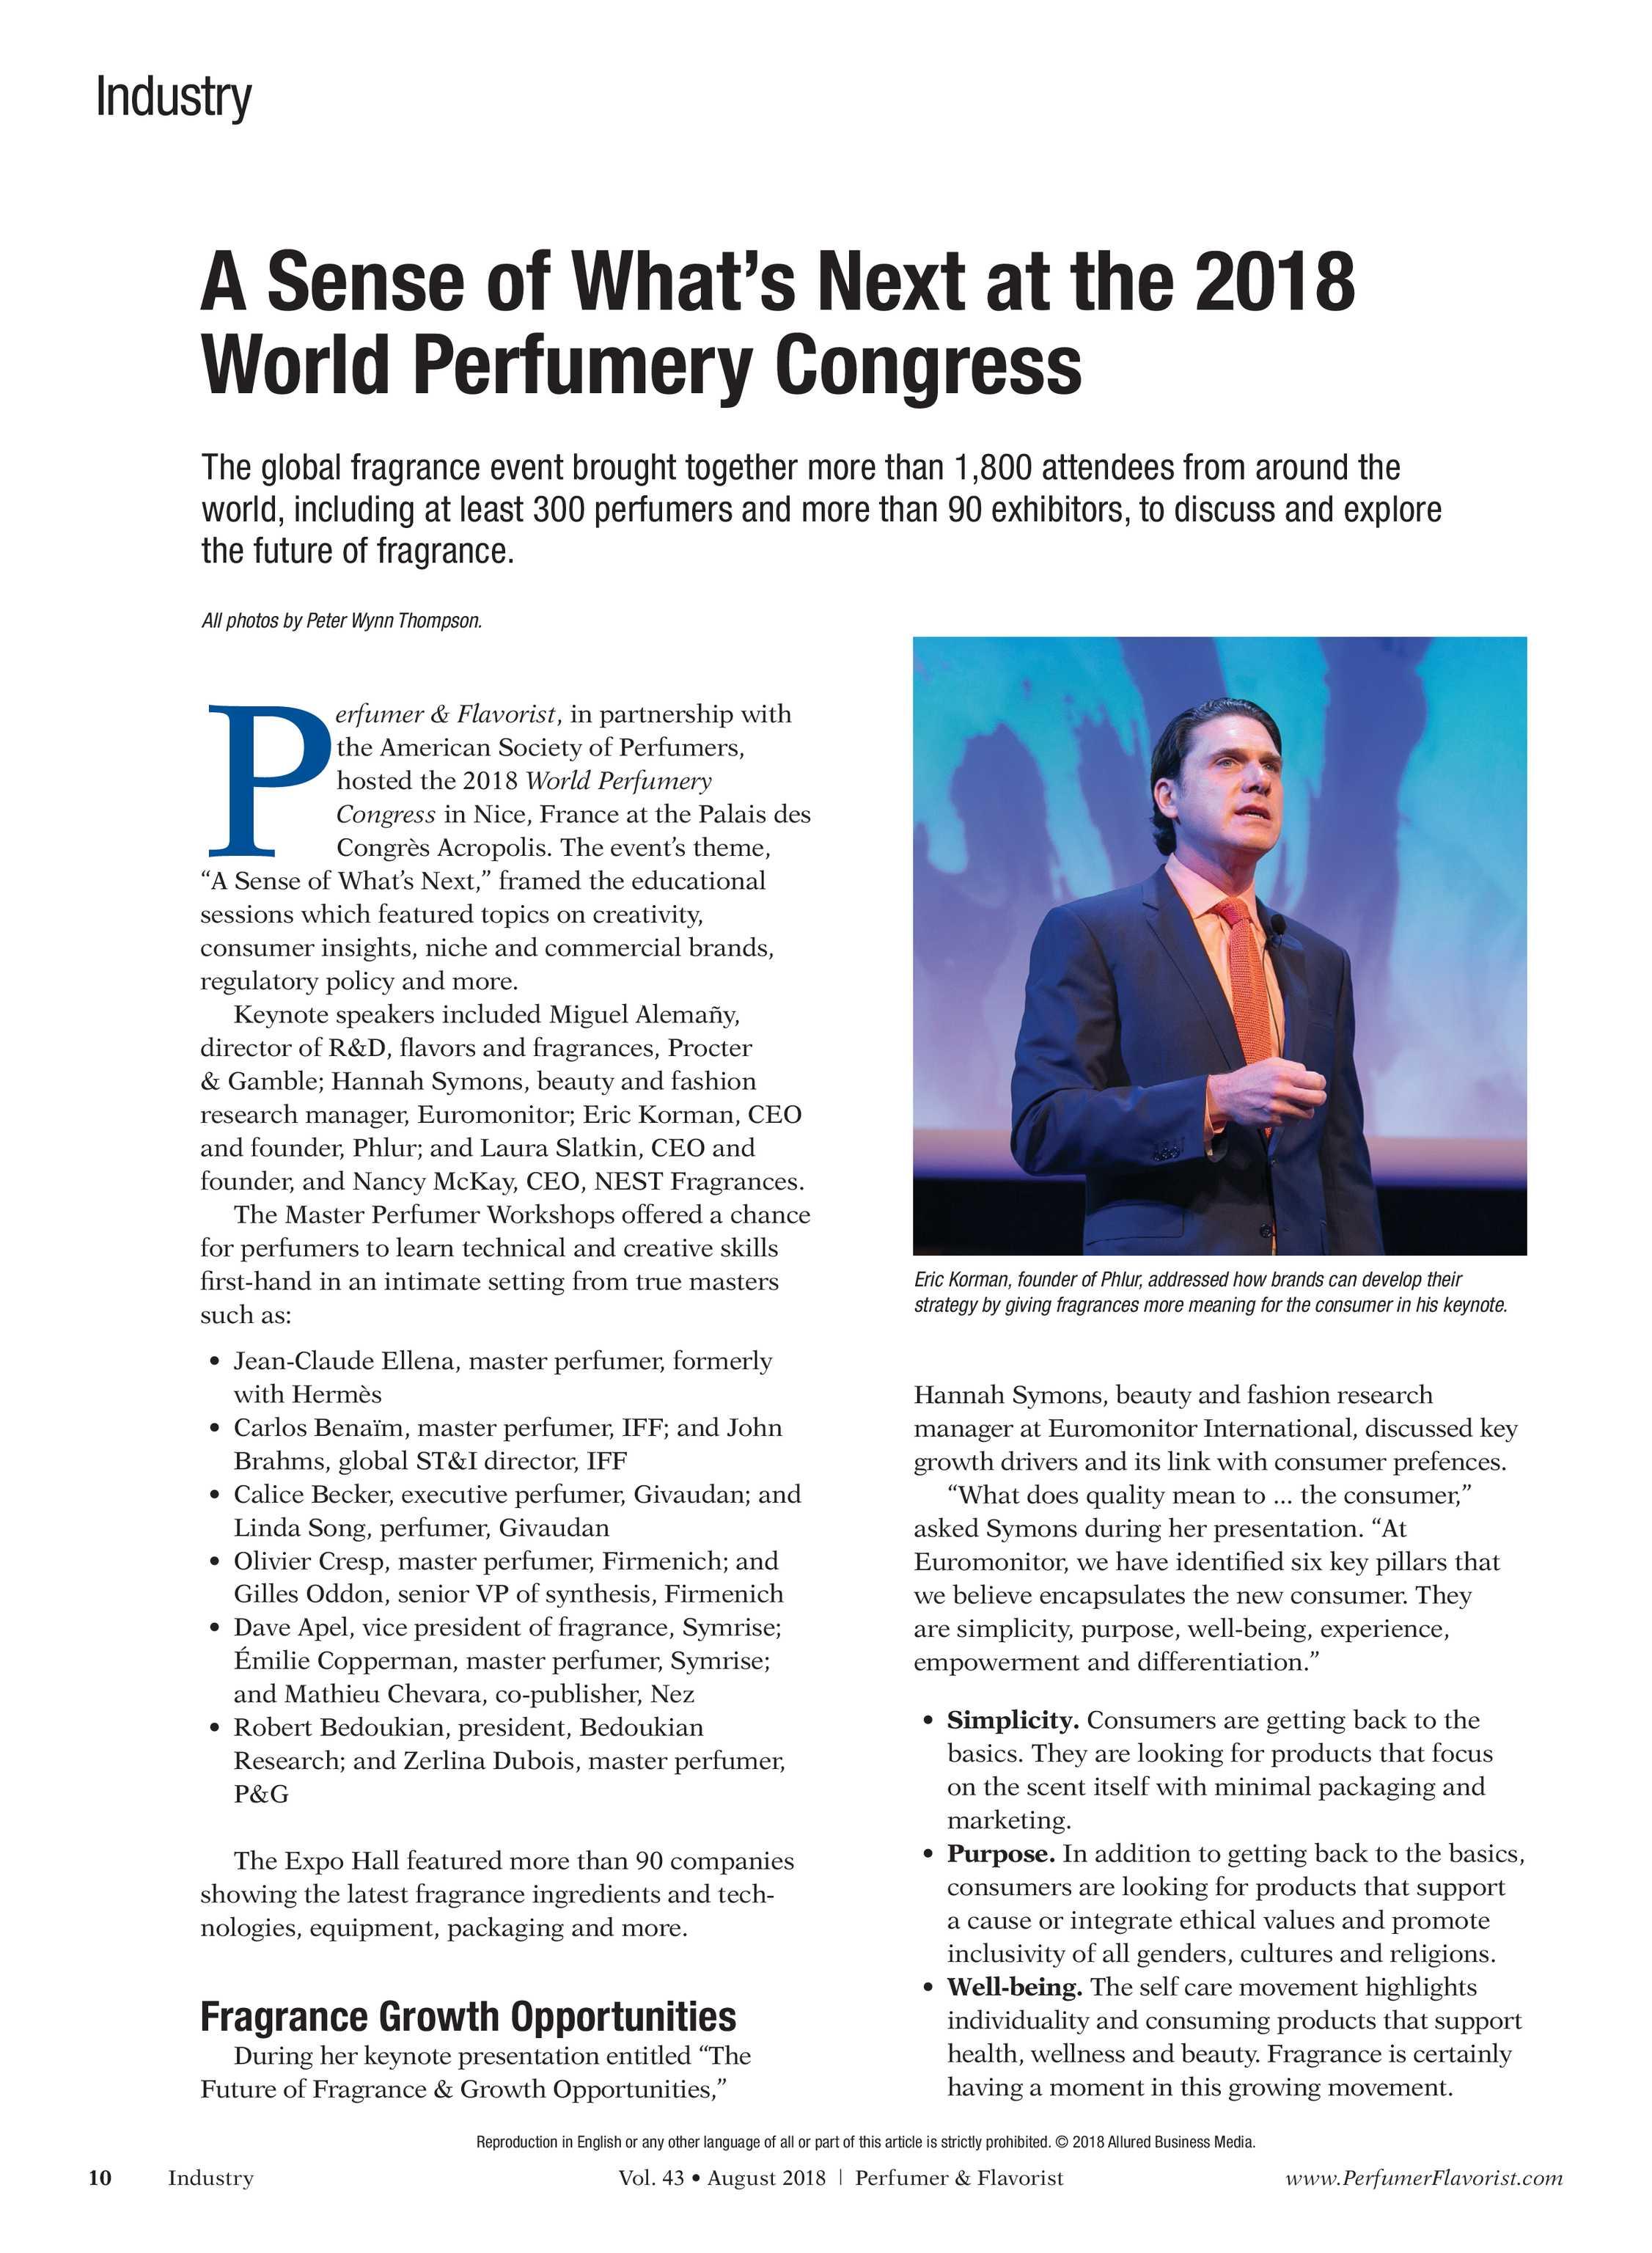 Perfumer & Flavorist - August 2018 - page 10